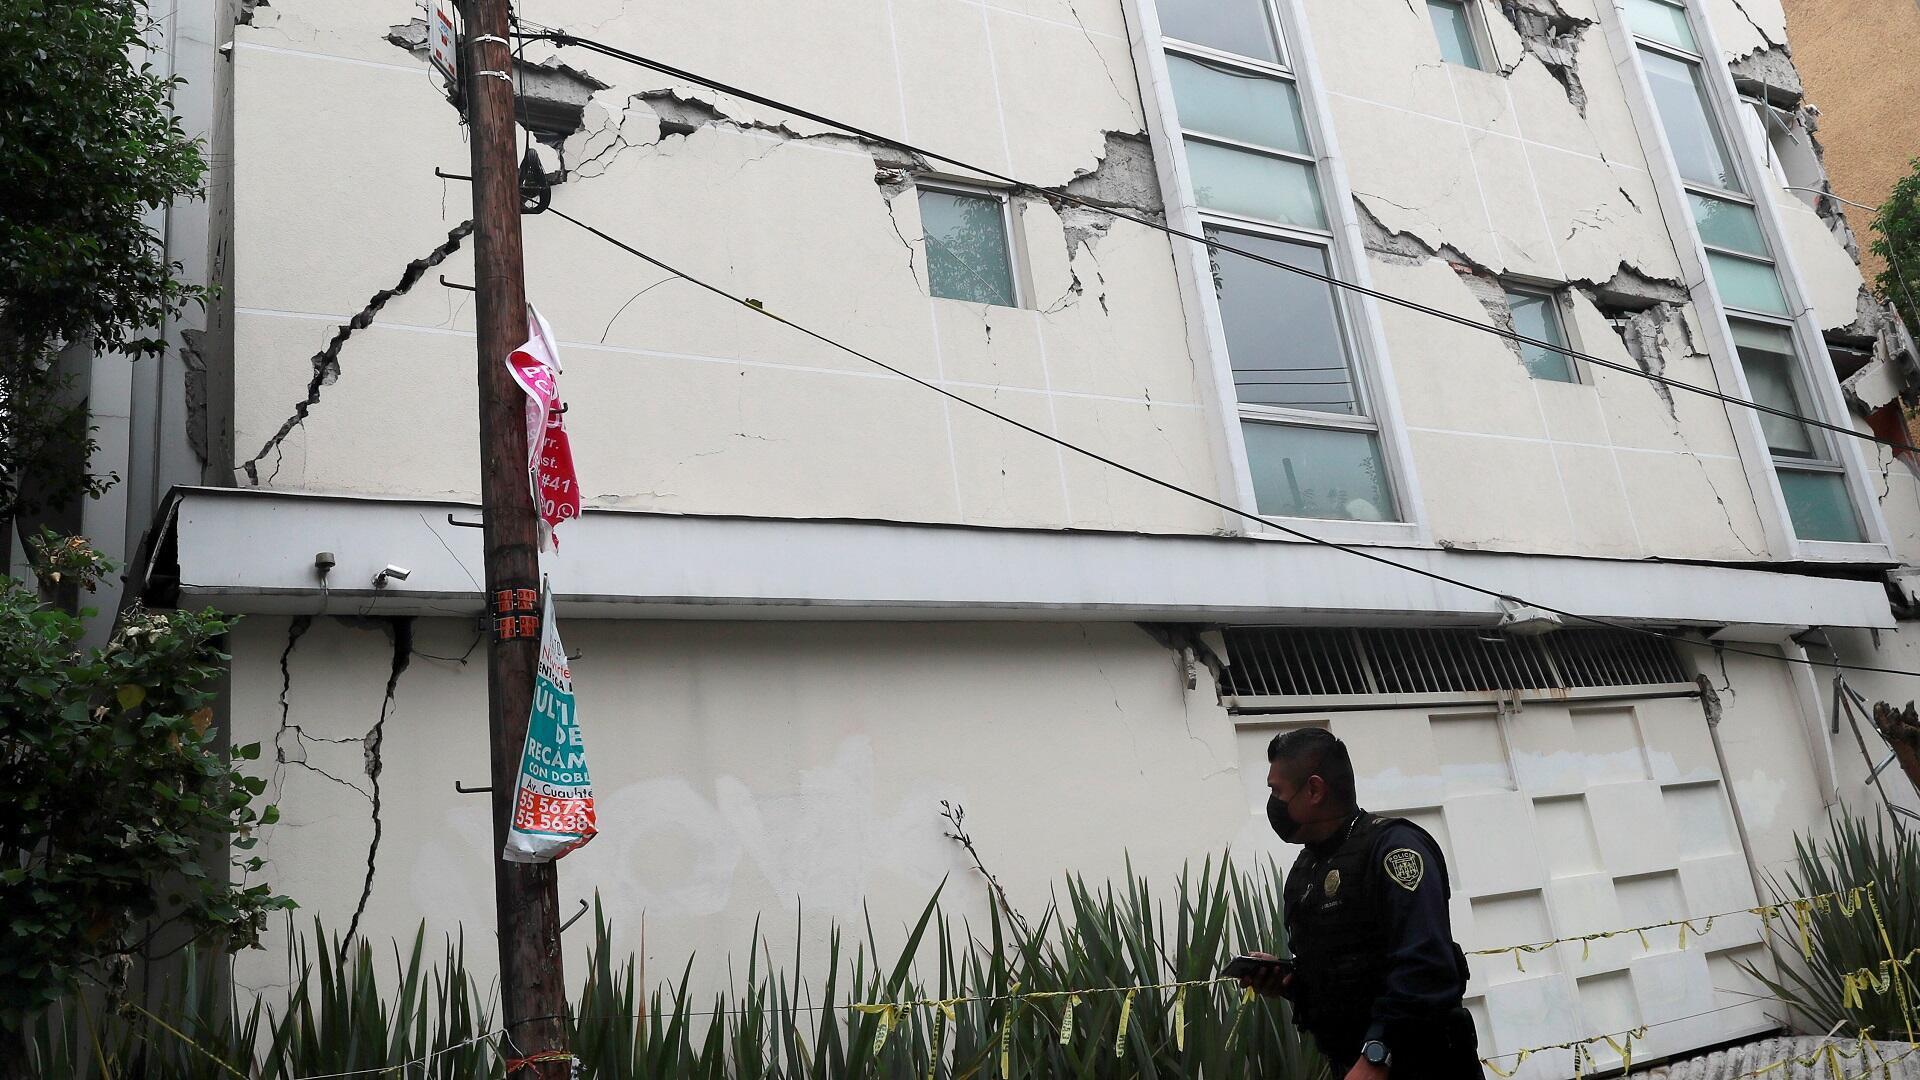 شرطي يتفحص تشققات في مبنى تضرر بفعل زلزال في العاصمة المكسيكية، 23 يونيو/حزيران 2020.